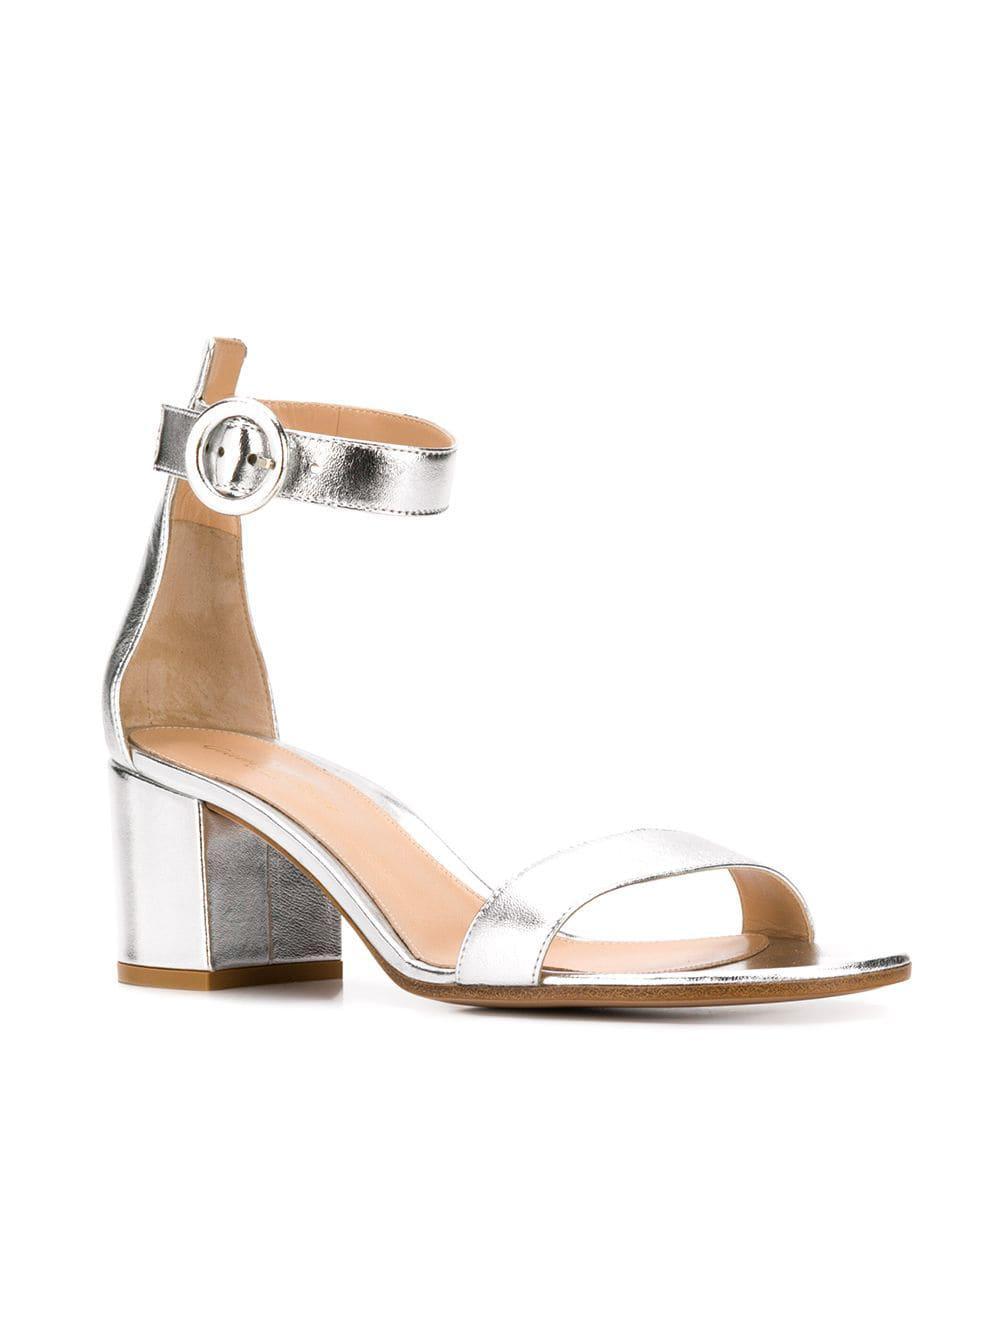 05e2d612deca Lyst - Gianvito Rossi Versilla 50 Silver Leather Sandals in Metallic